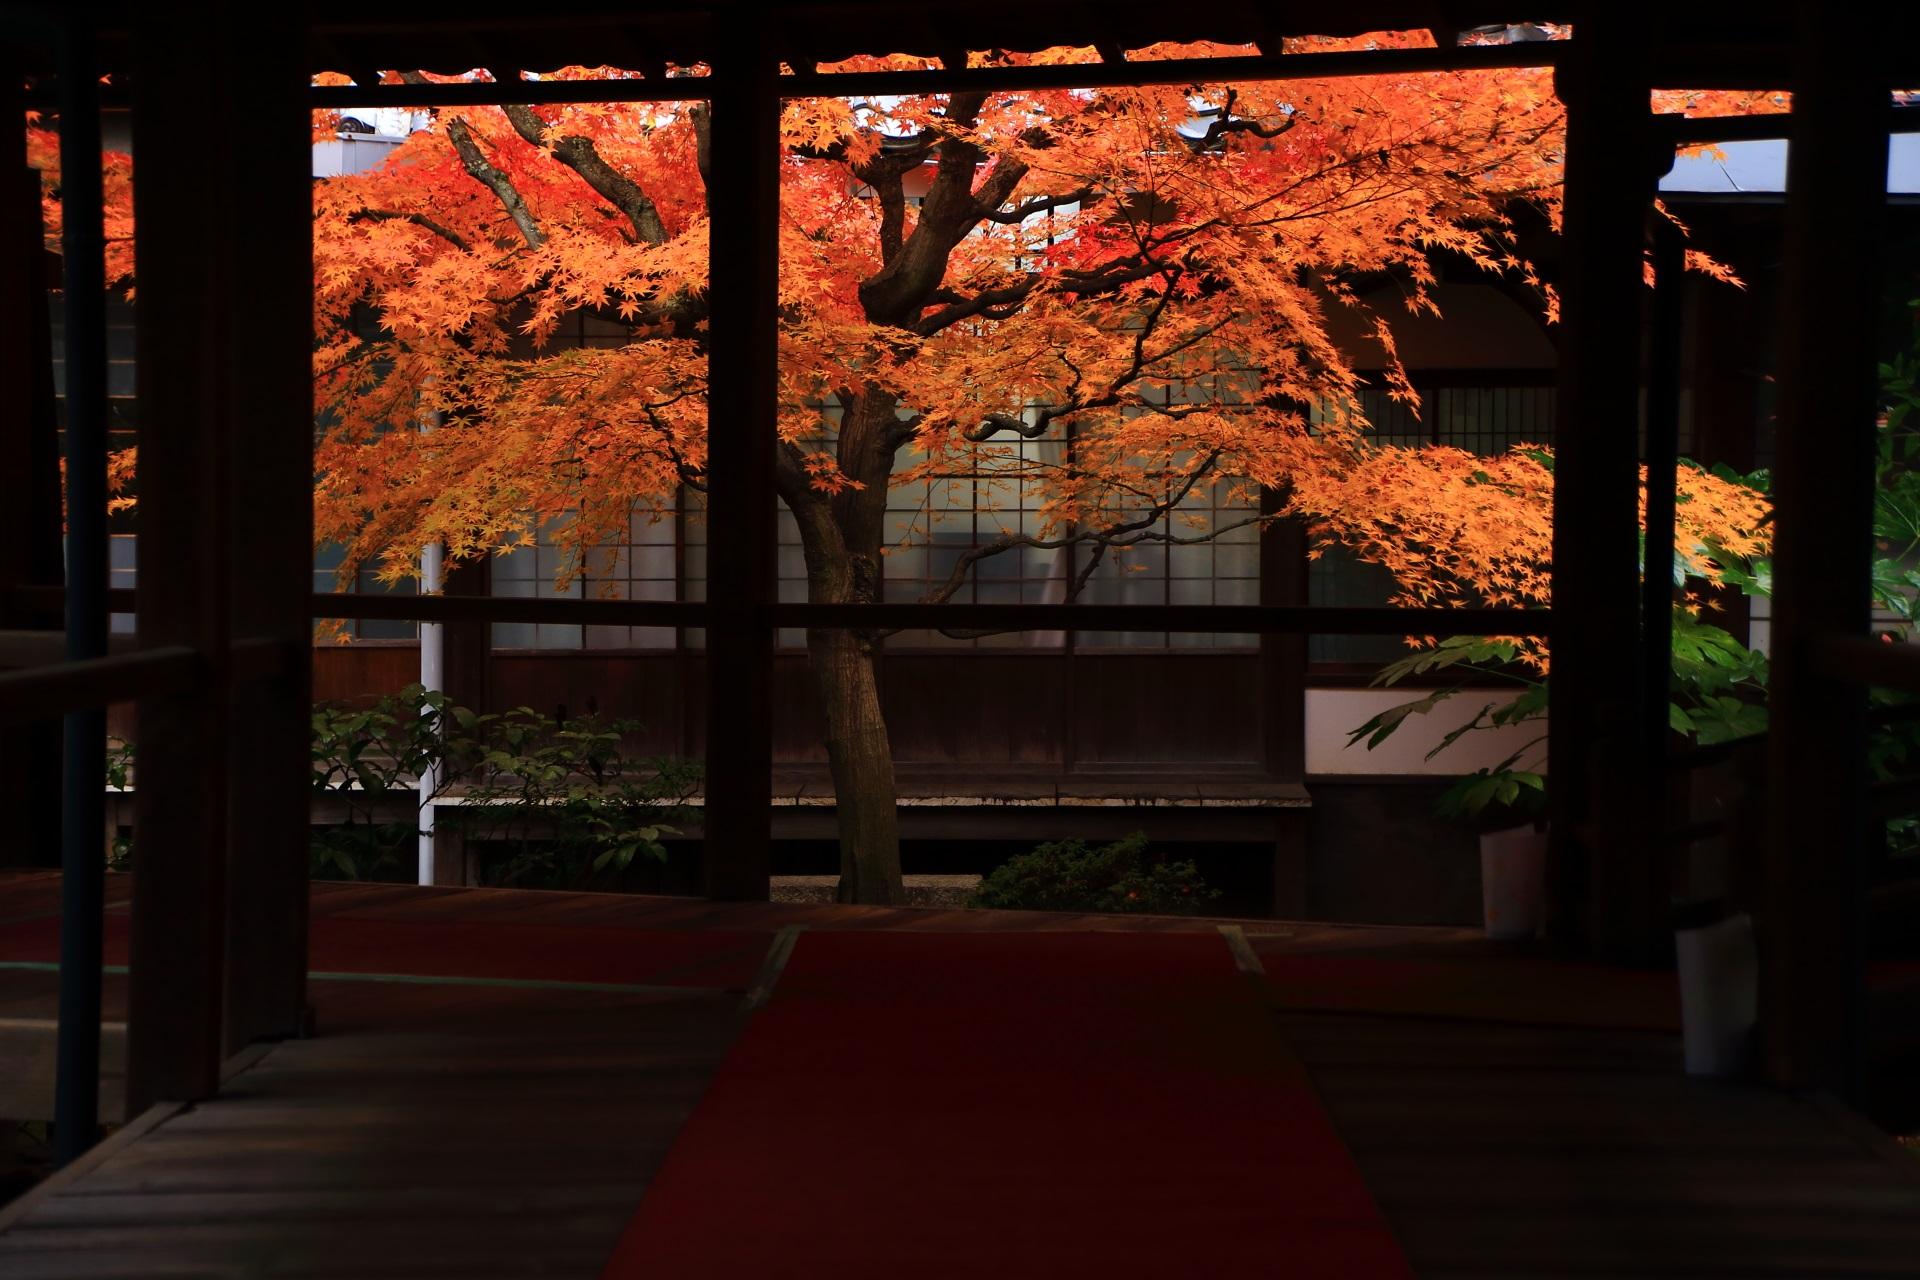 風情ある紅葉と苔を彩る散りもみじ